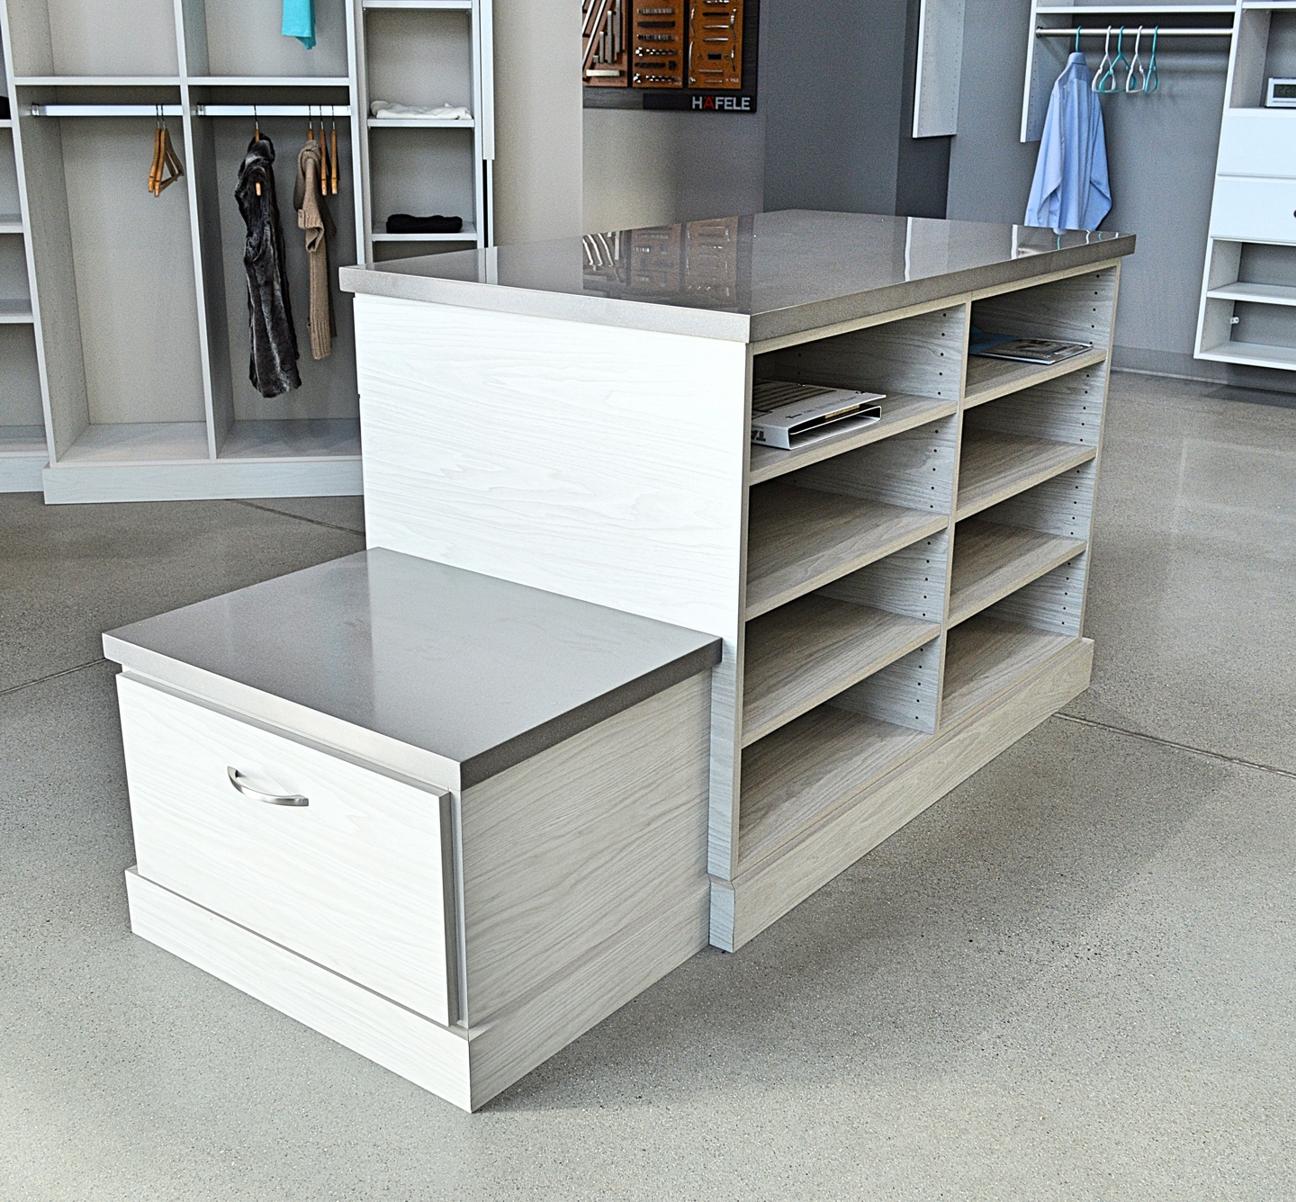 Garage Storage Organization Cabinets Closet